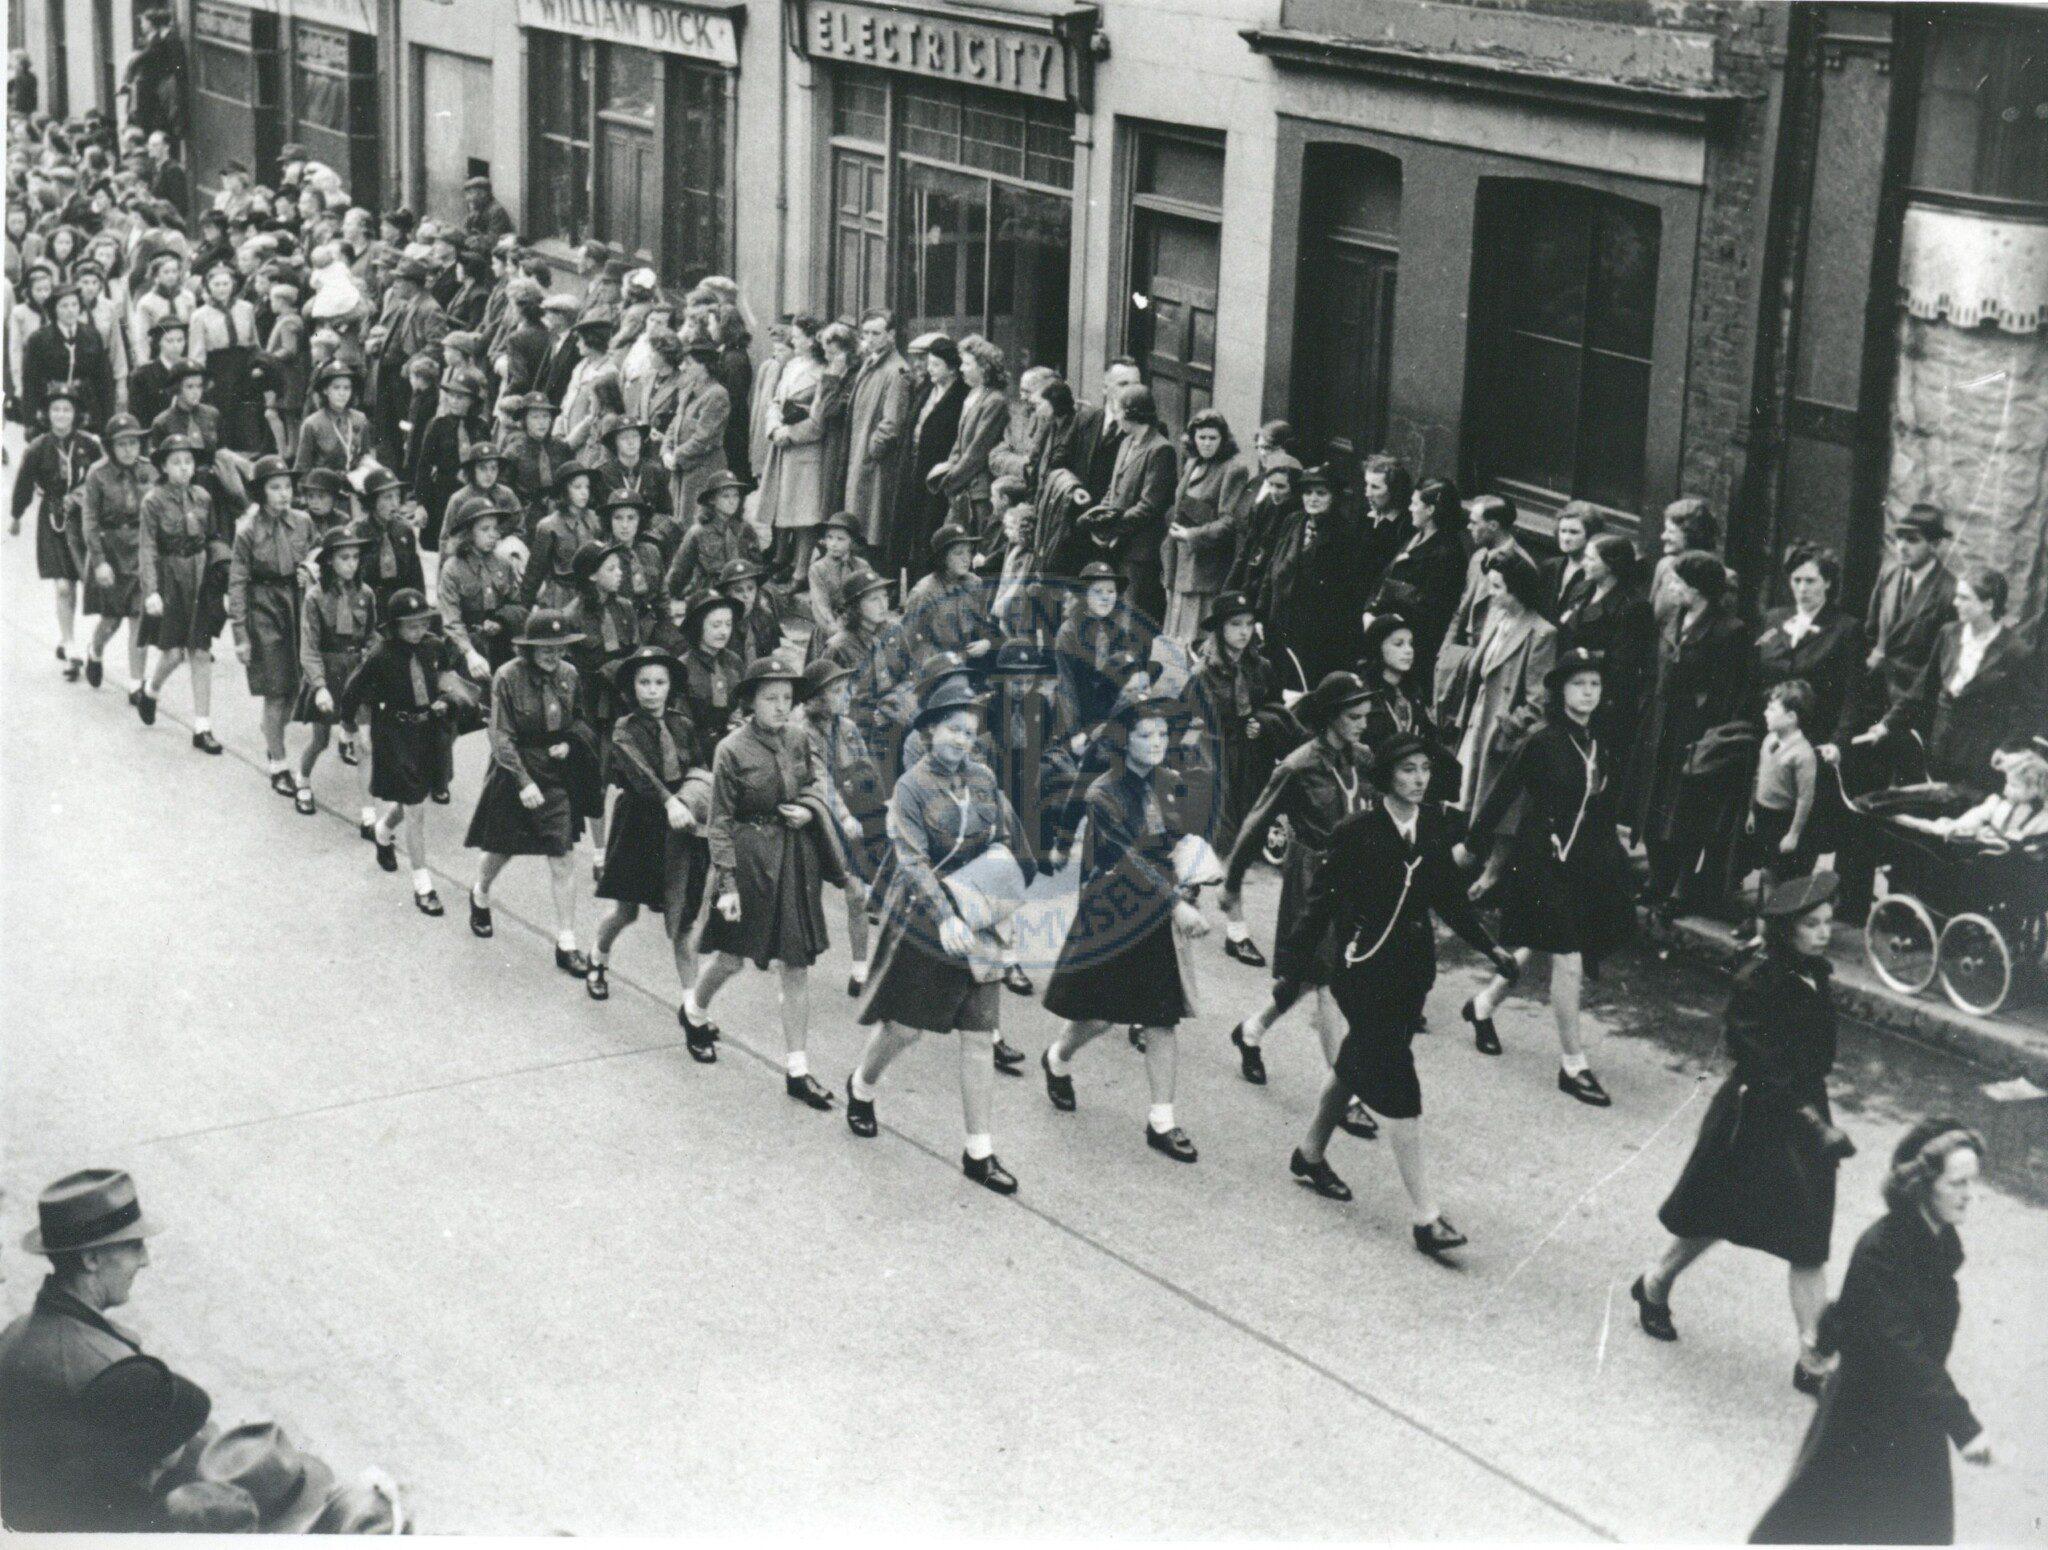 VE Day in Lisburn 8 May 1945